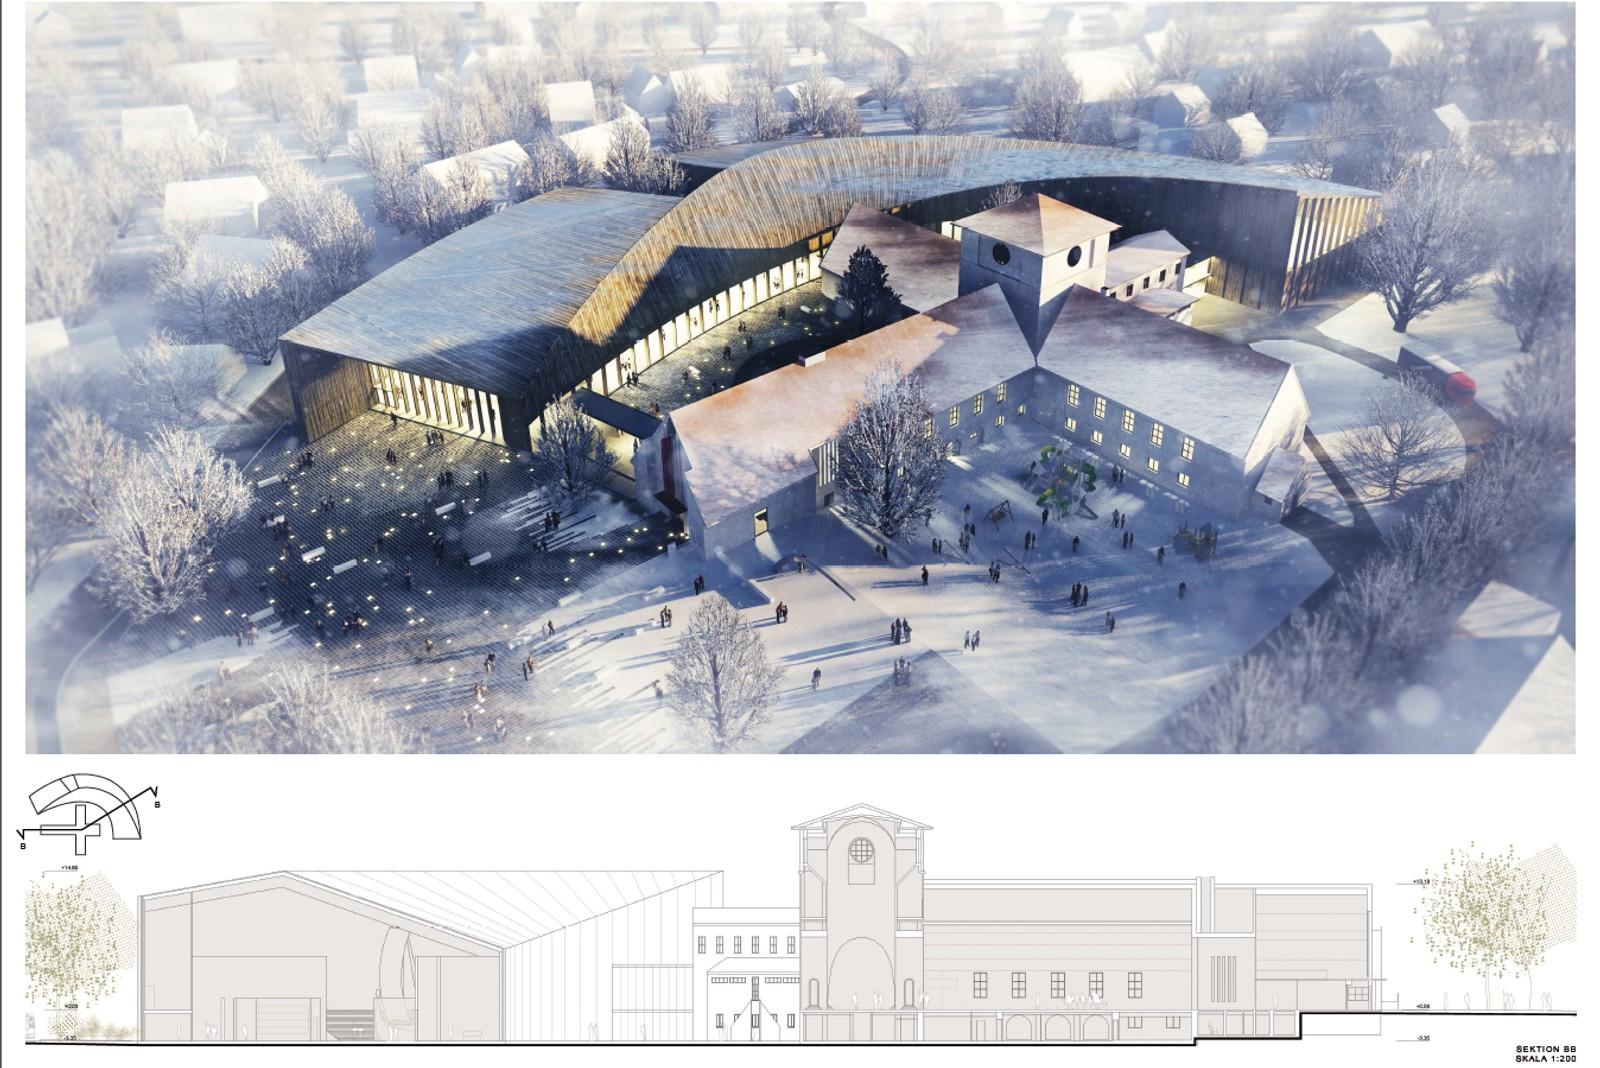 Dette forslaget ønsker å bygge det nye vikingtidsmuseet ved siden av vikingskipmuseet som står der i dag.NRK har ikke fått vite hvem som har sendt inn bidragene.